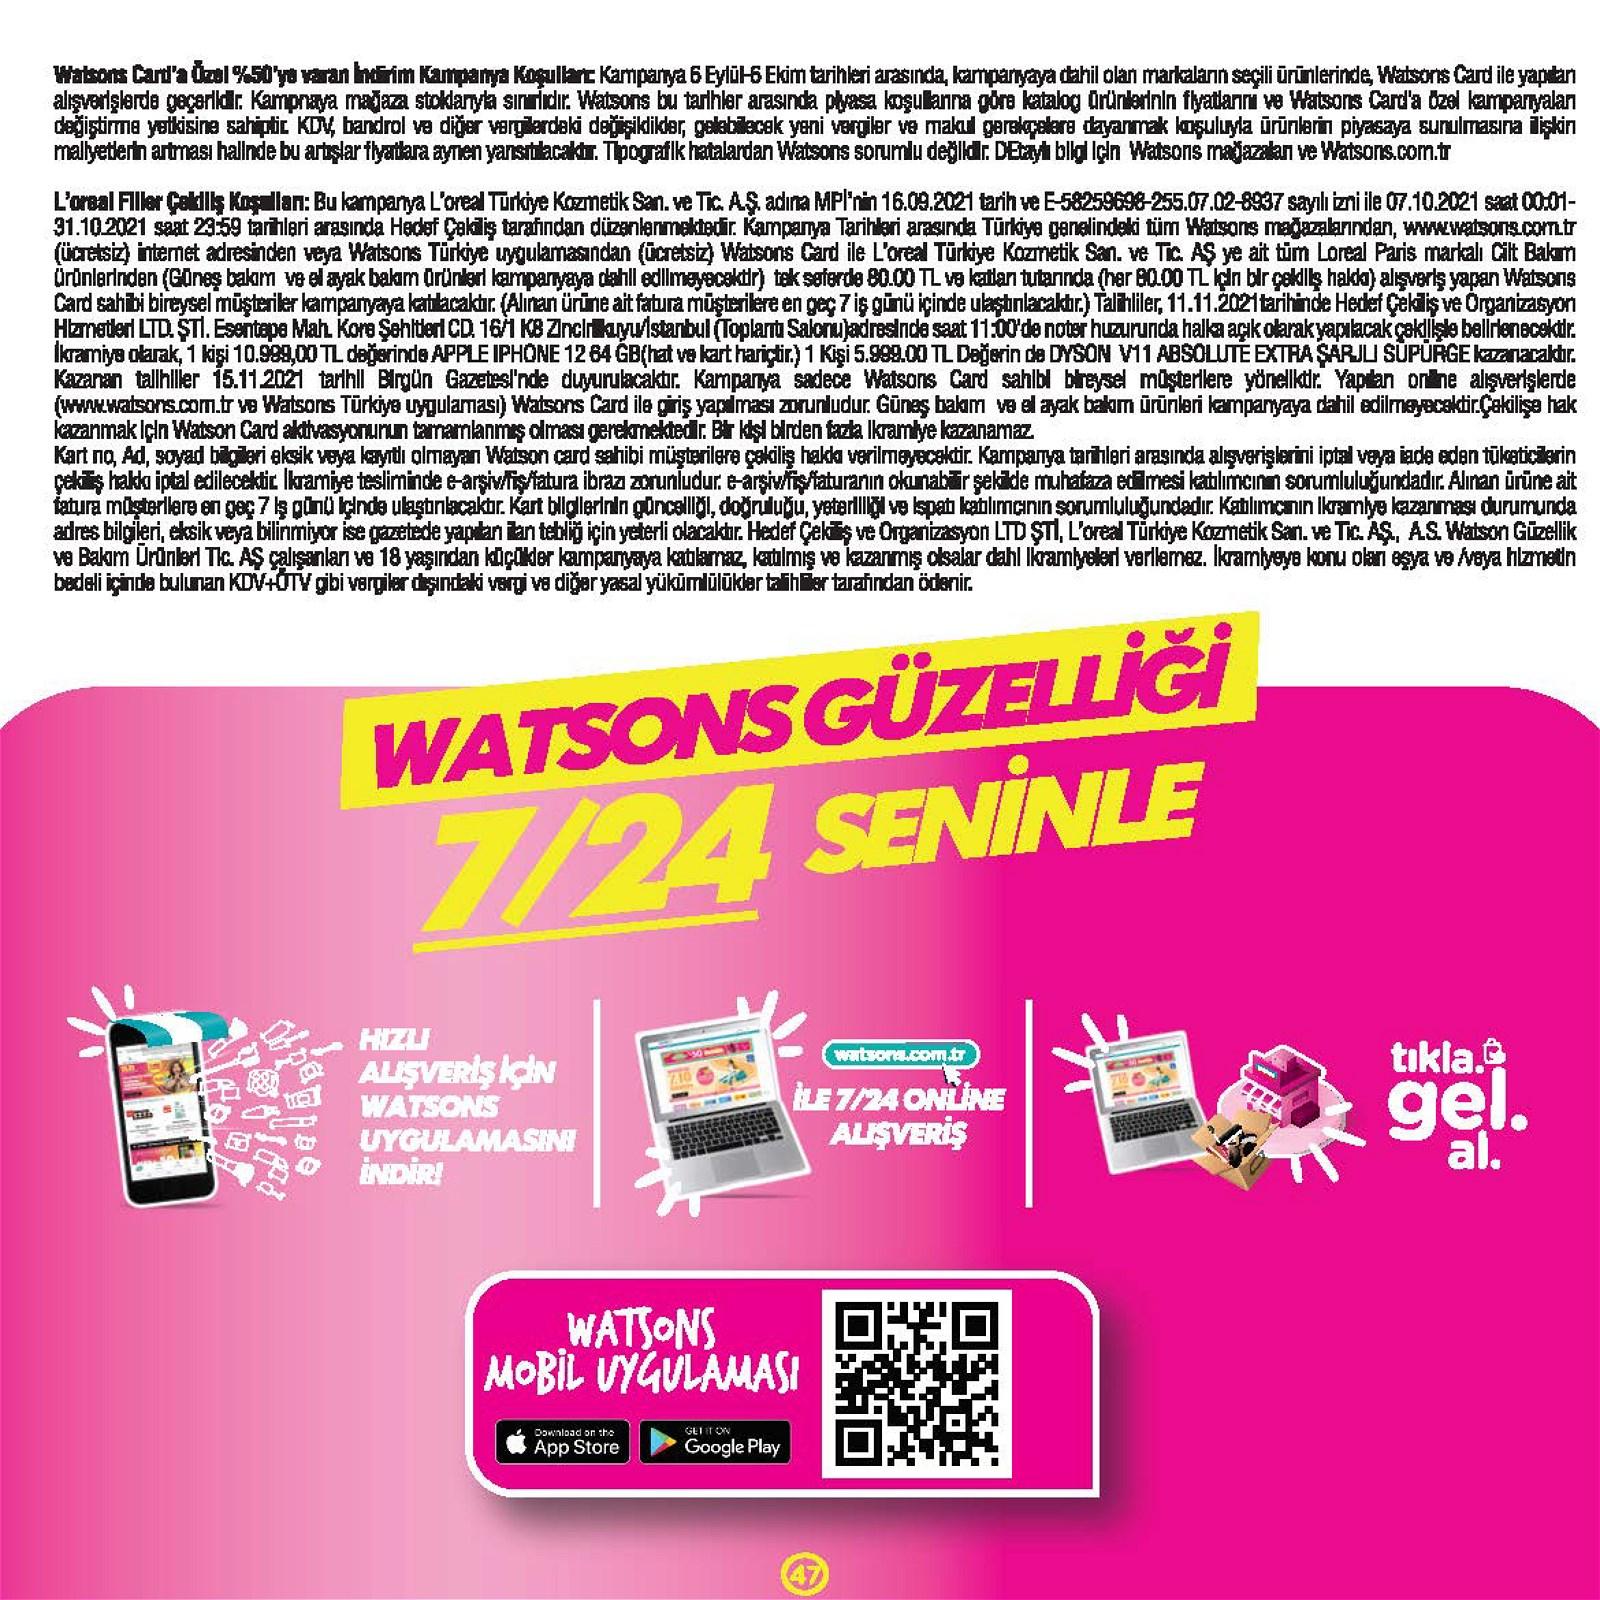 07.10.2021 Watsons broşürü 48. sayfa